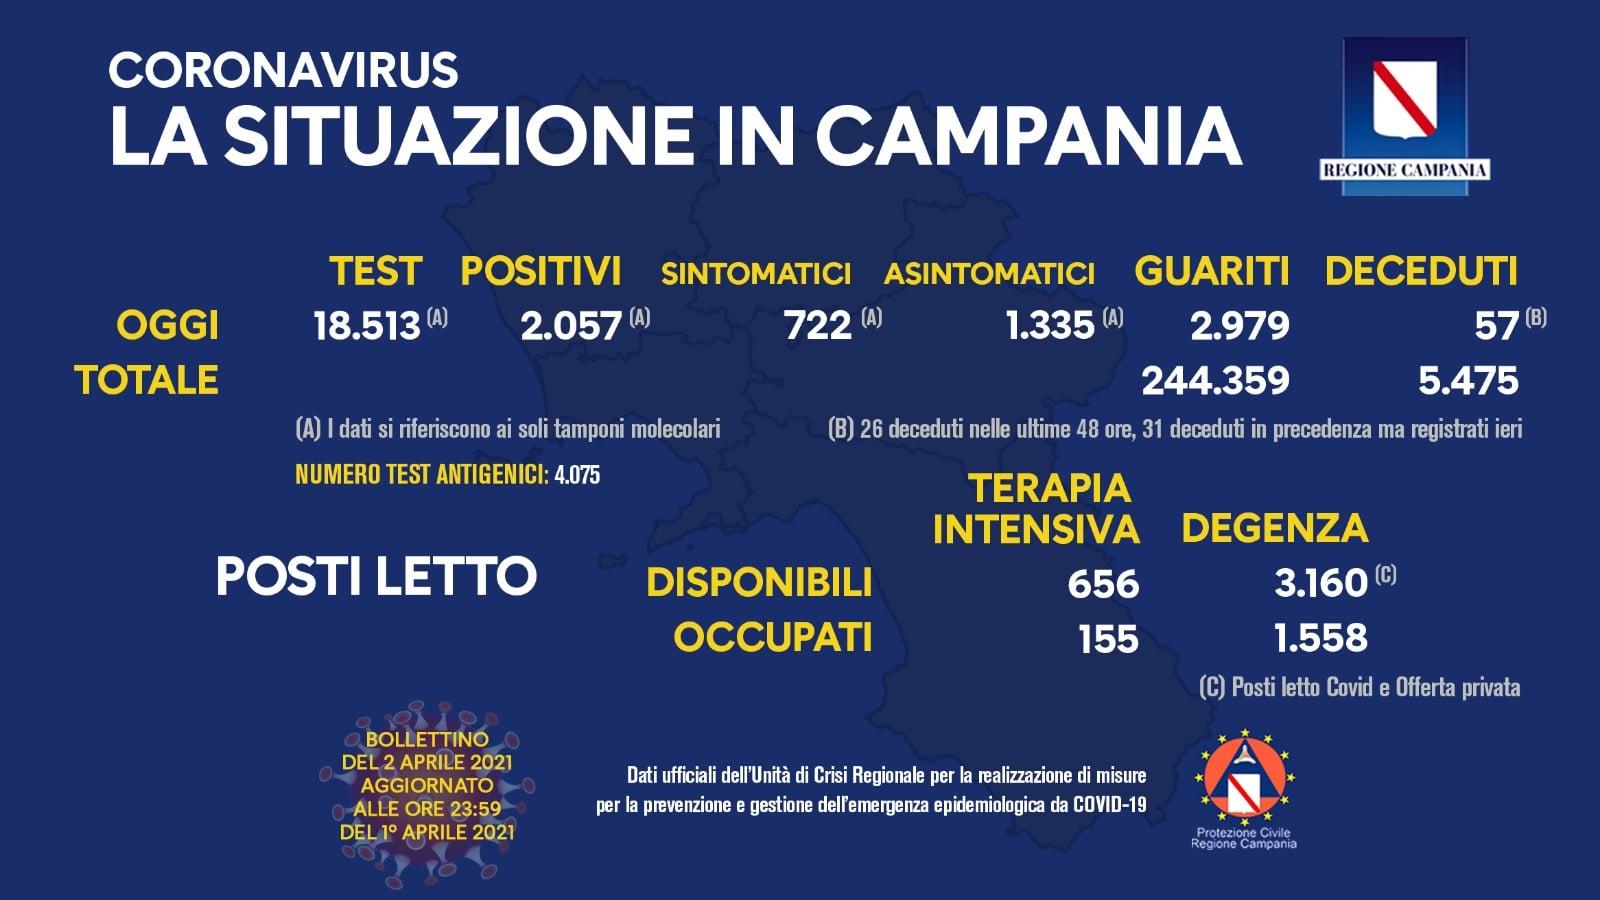 Coronavirus Campania, bollettino del 2 aprile 2021